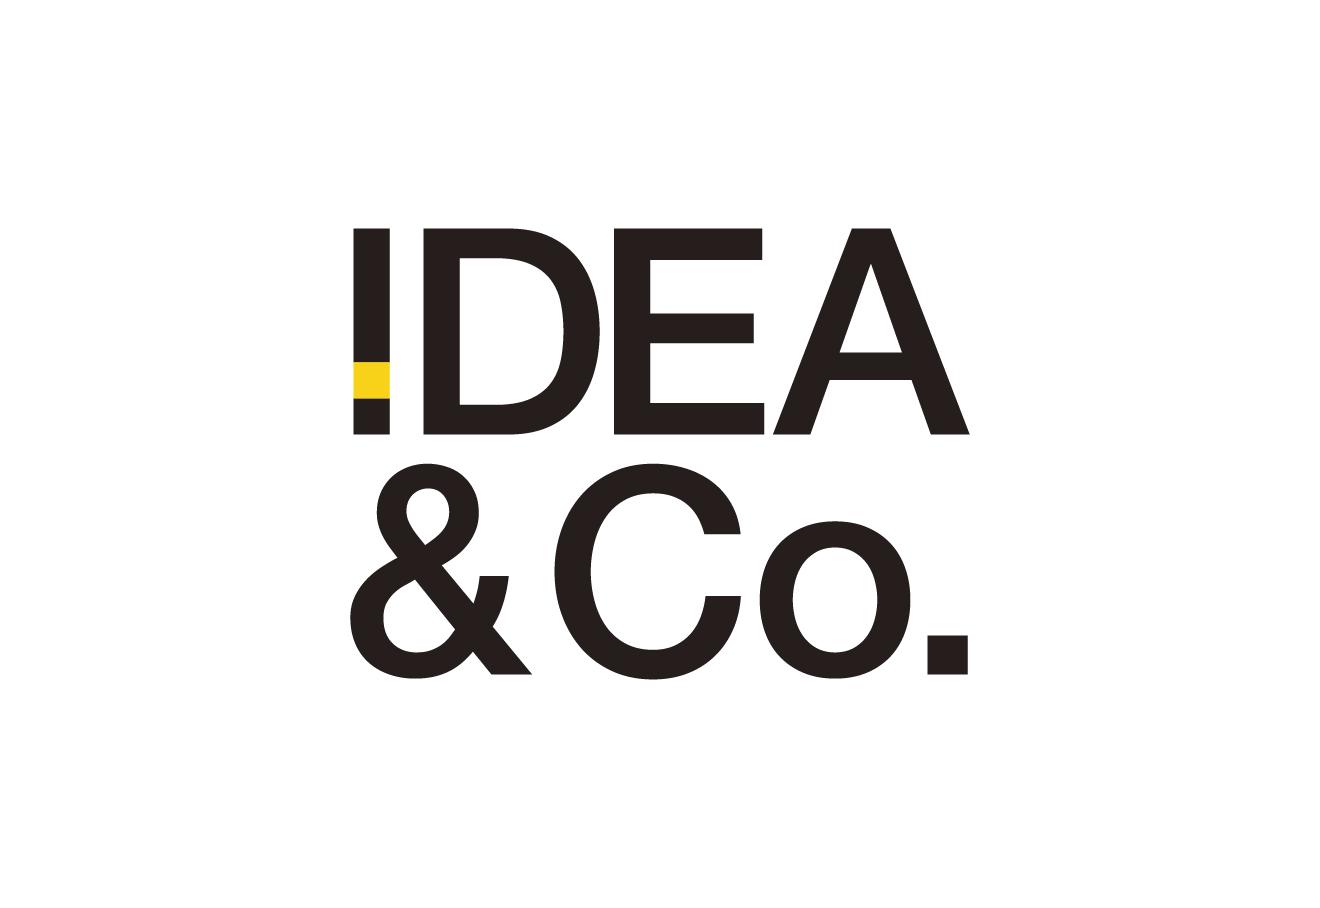 IDEA & Co.